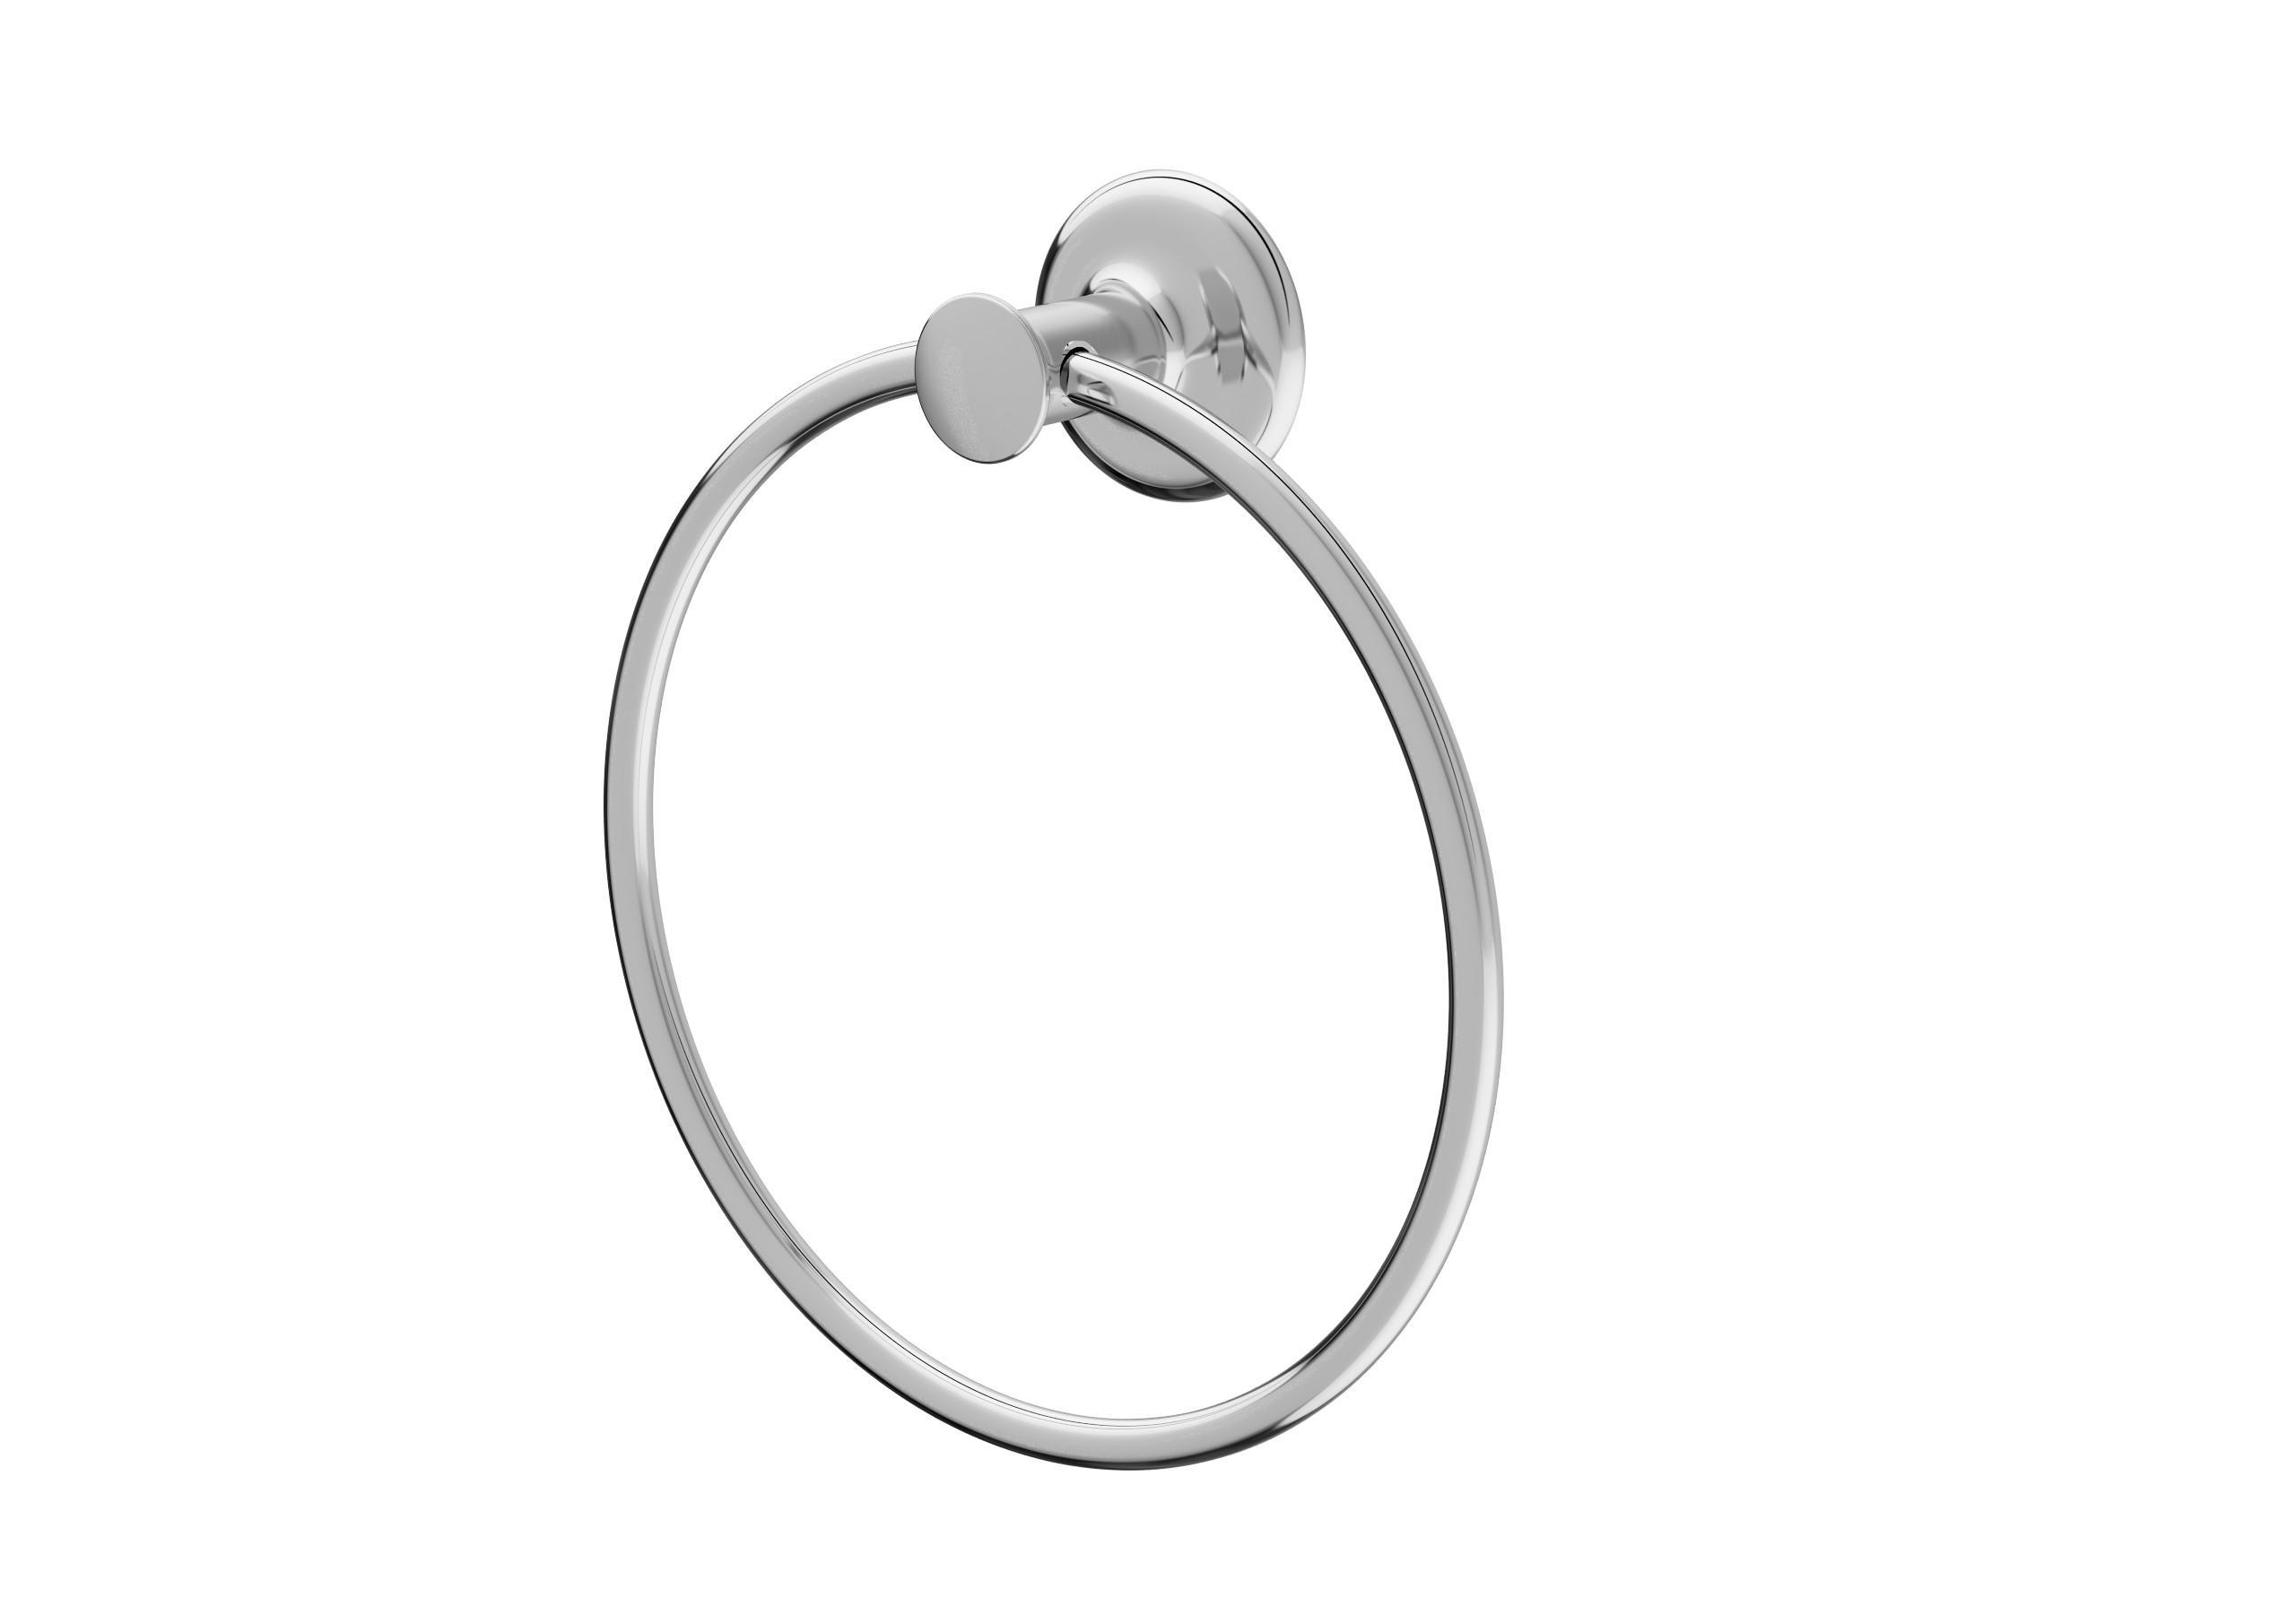 купить Кольцо Am pm A8034400 по цене 1690 рублей